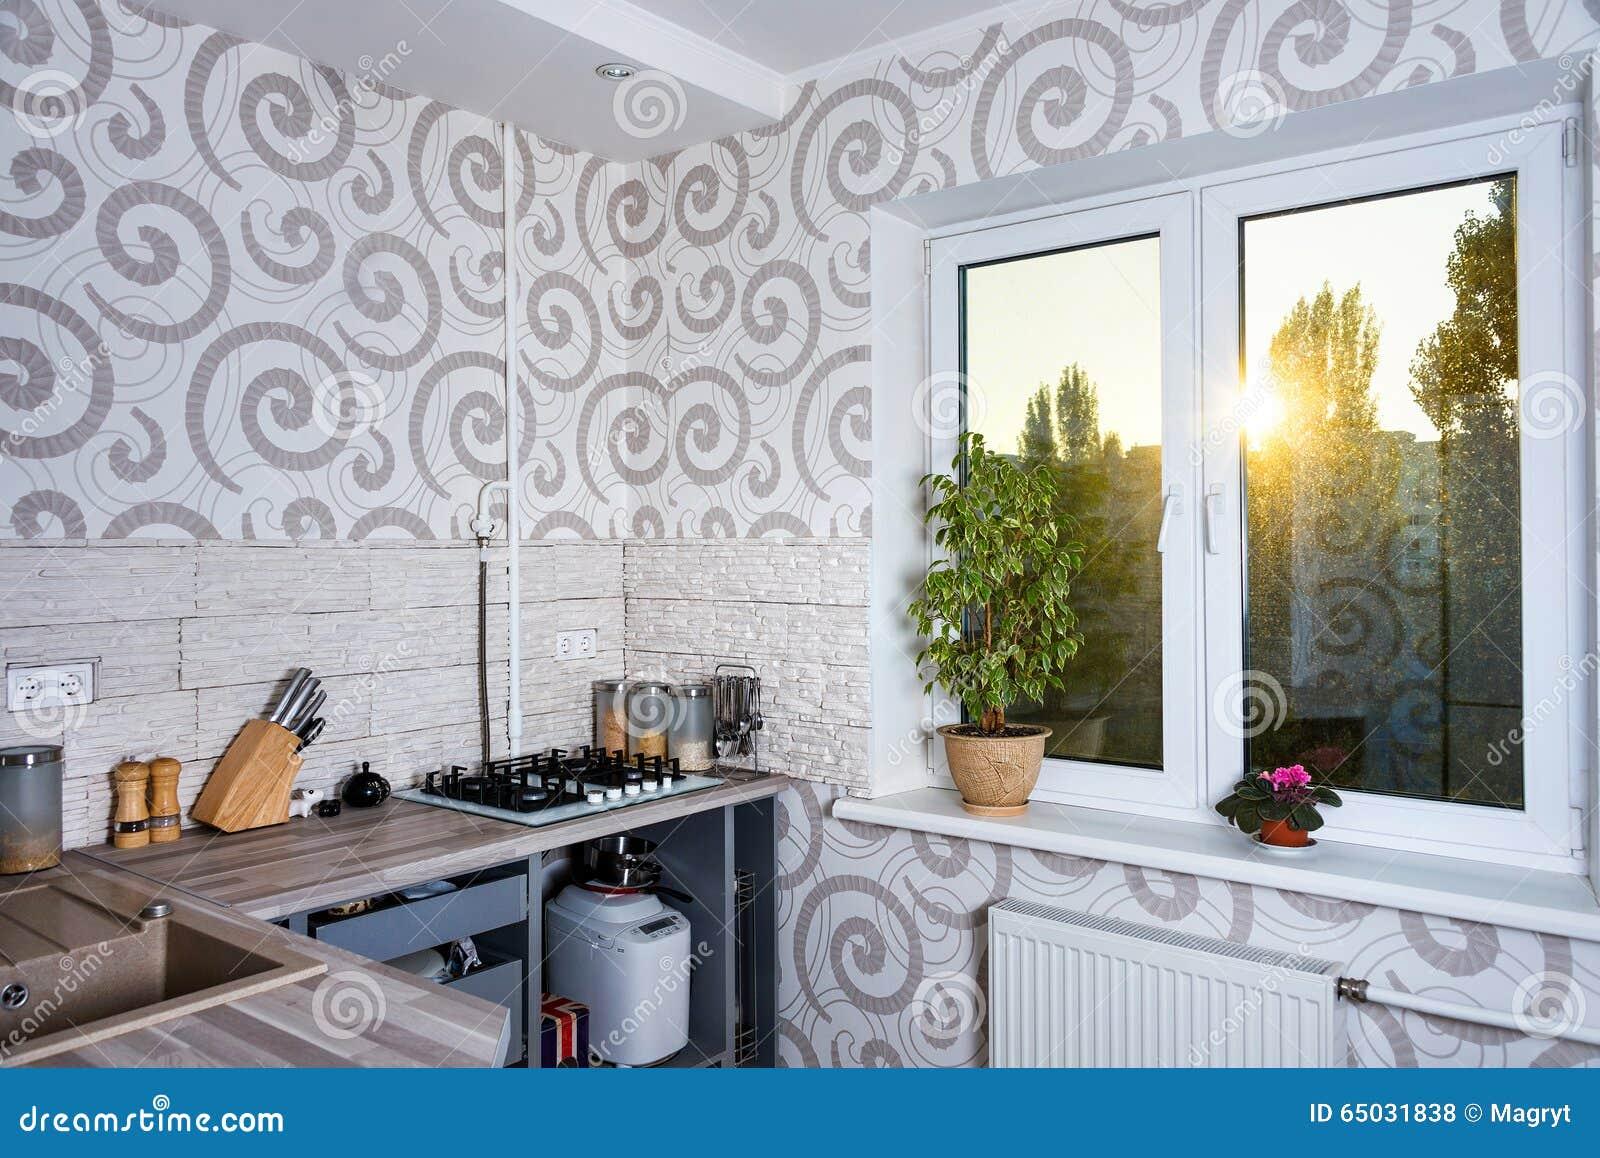 Tolle Einfache Küche Innenarchitektur Fotos Bilder - Küche Set Ideen ...